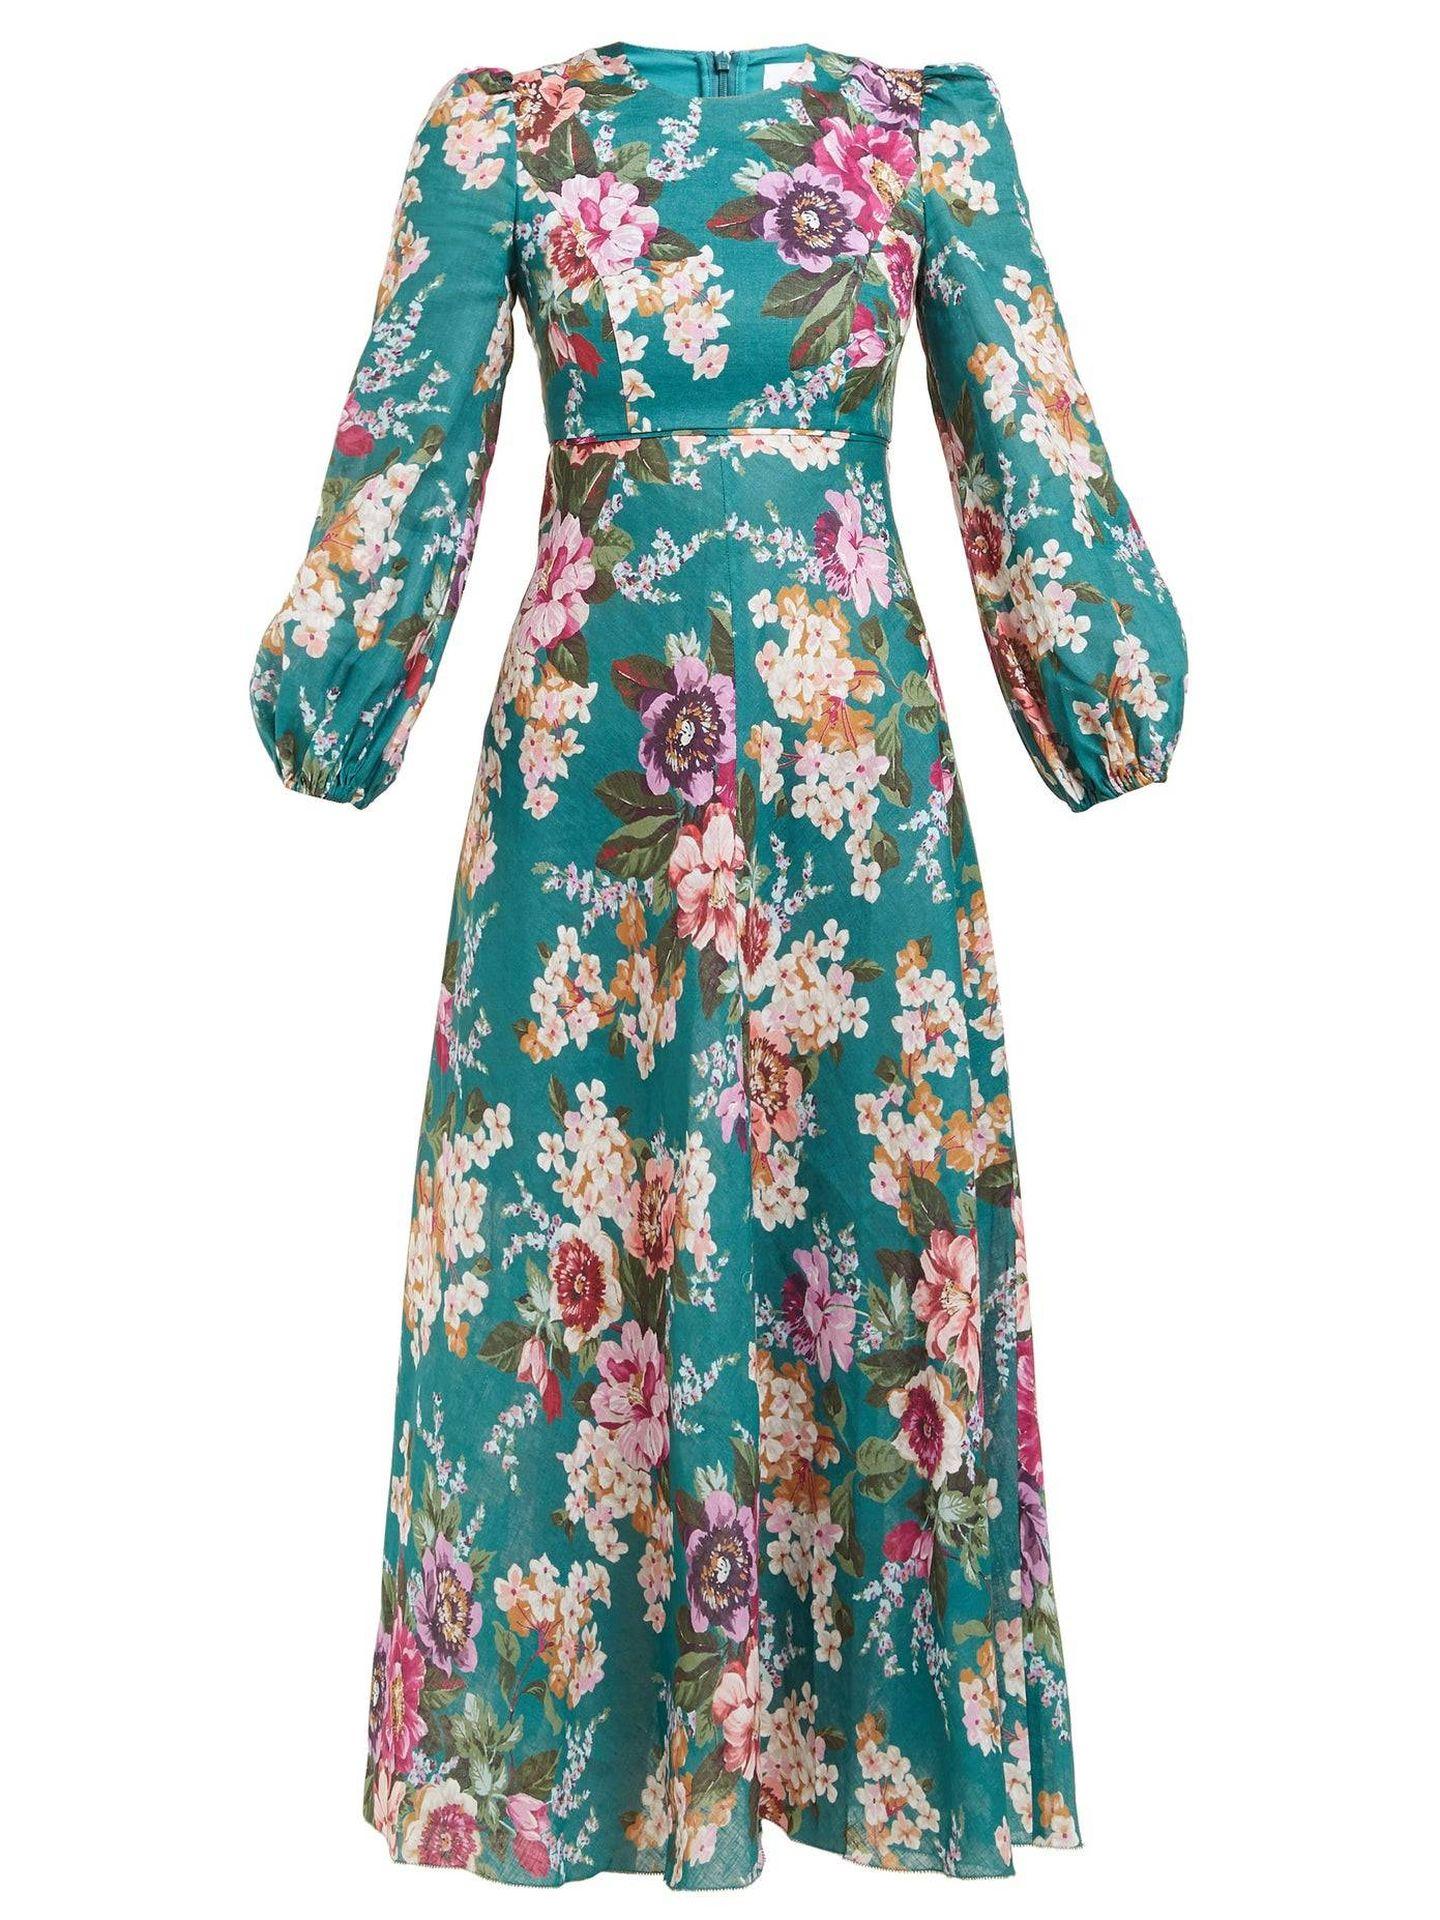 El vestido de Zimmermann.